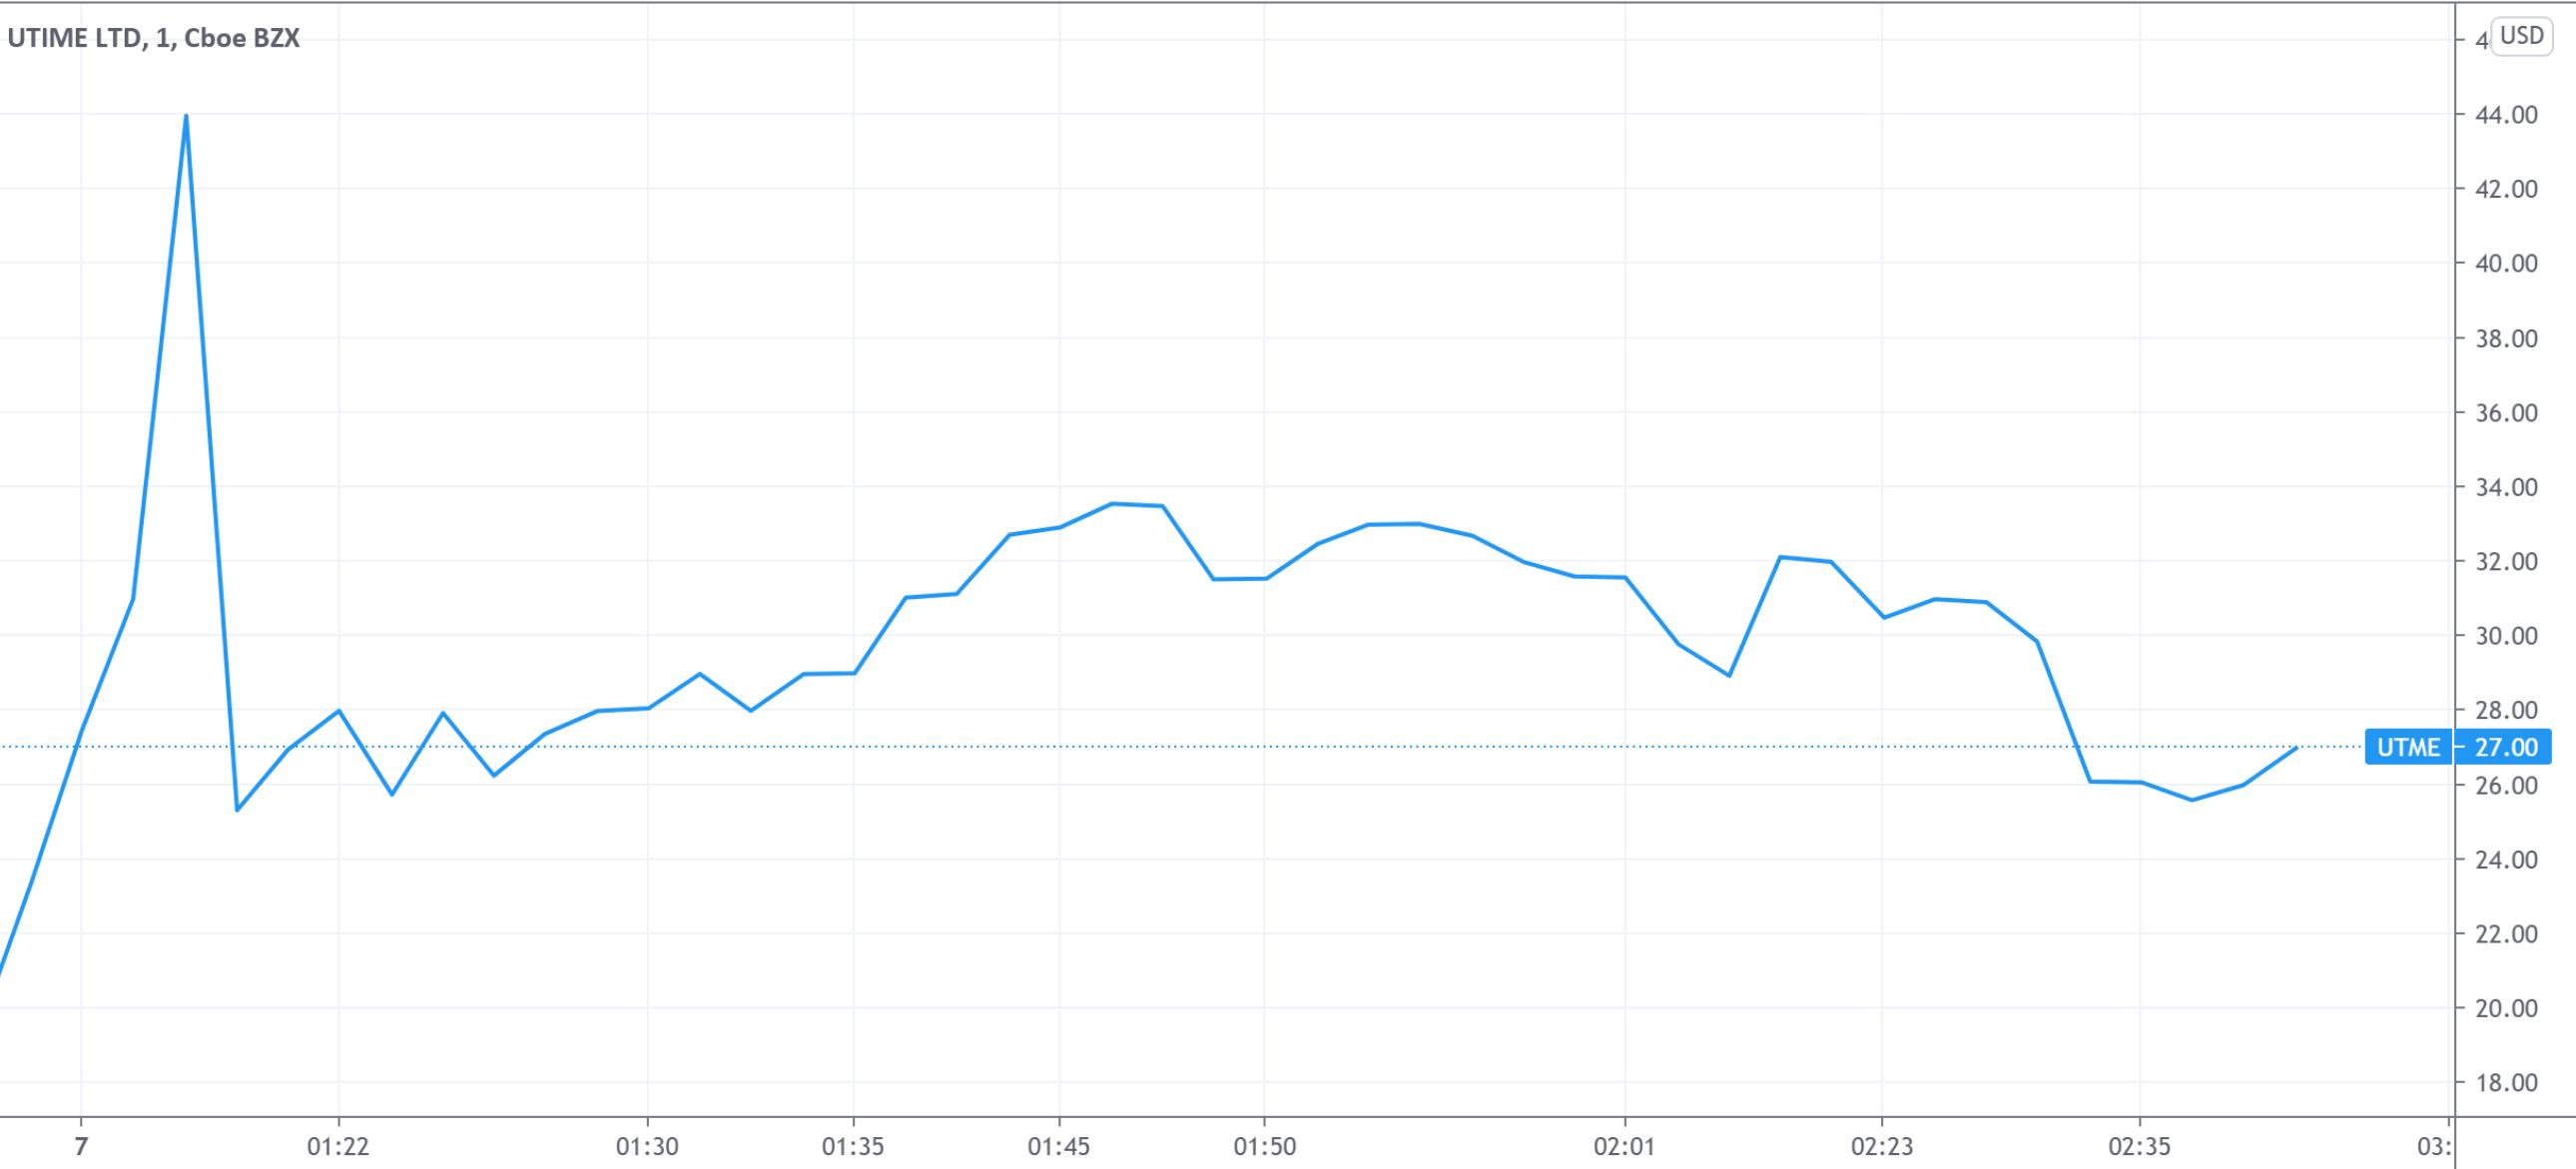 小市值中概股联代科技IPO首日Ψ遭爆炒 涨幅最高达1050%